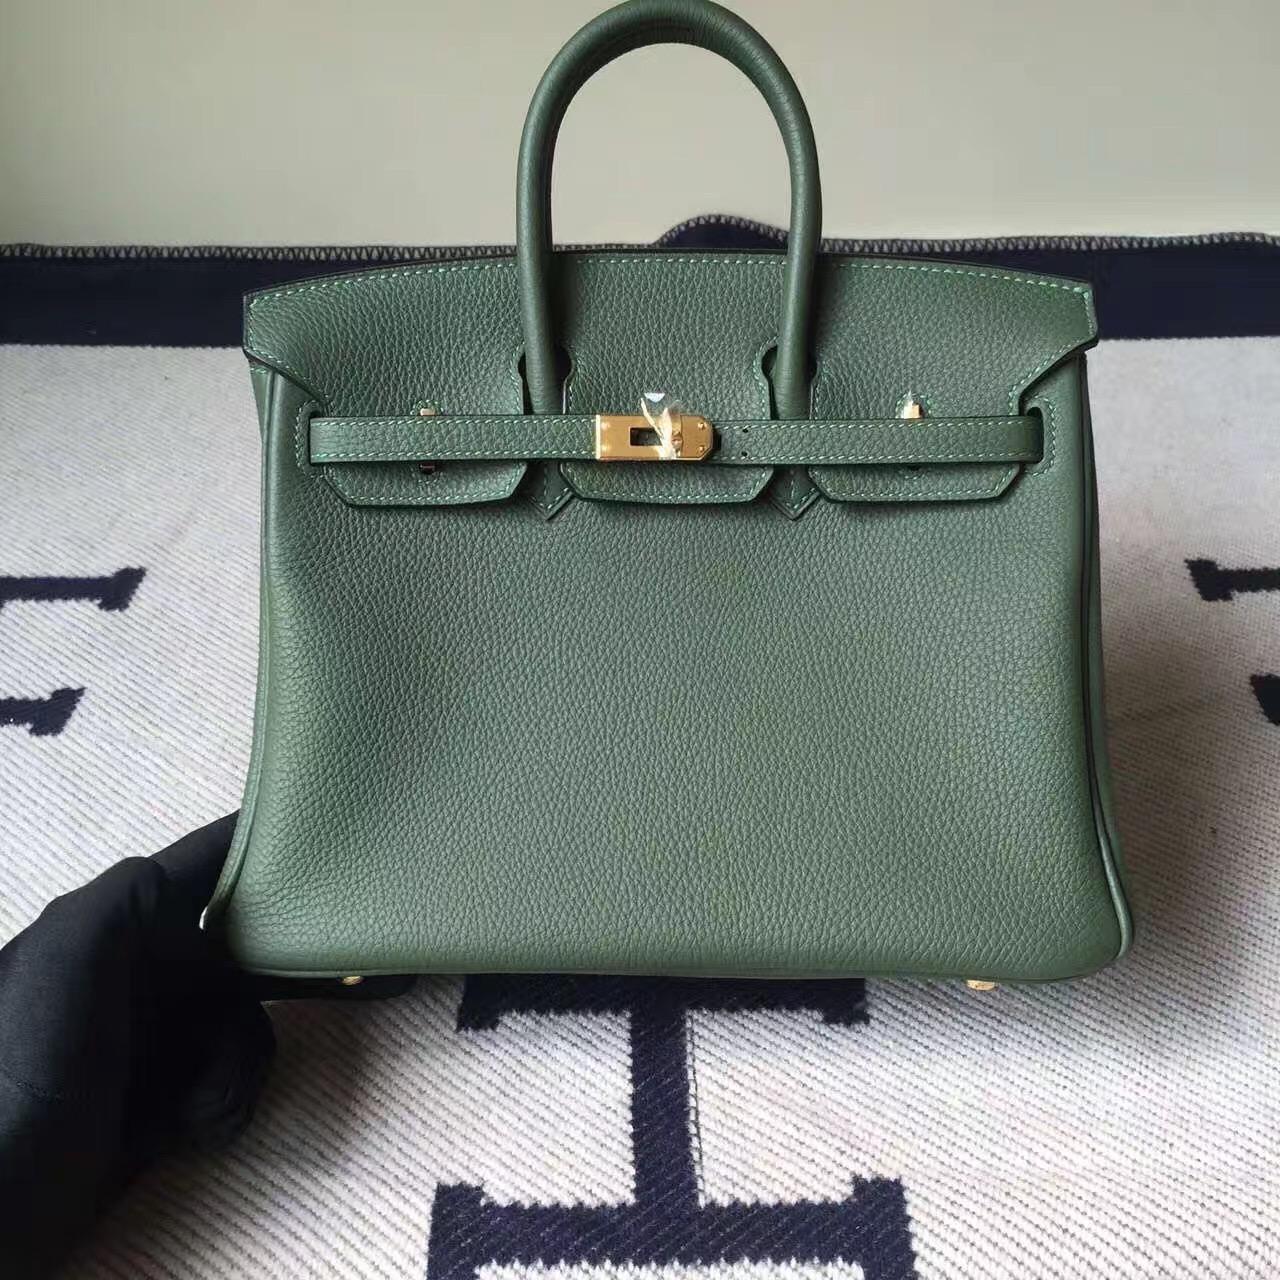 On Sale Hermes V6 Canopee Green Togo Calfskin Leather Birkin25cm Bag